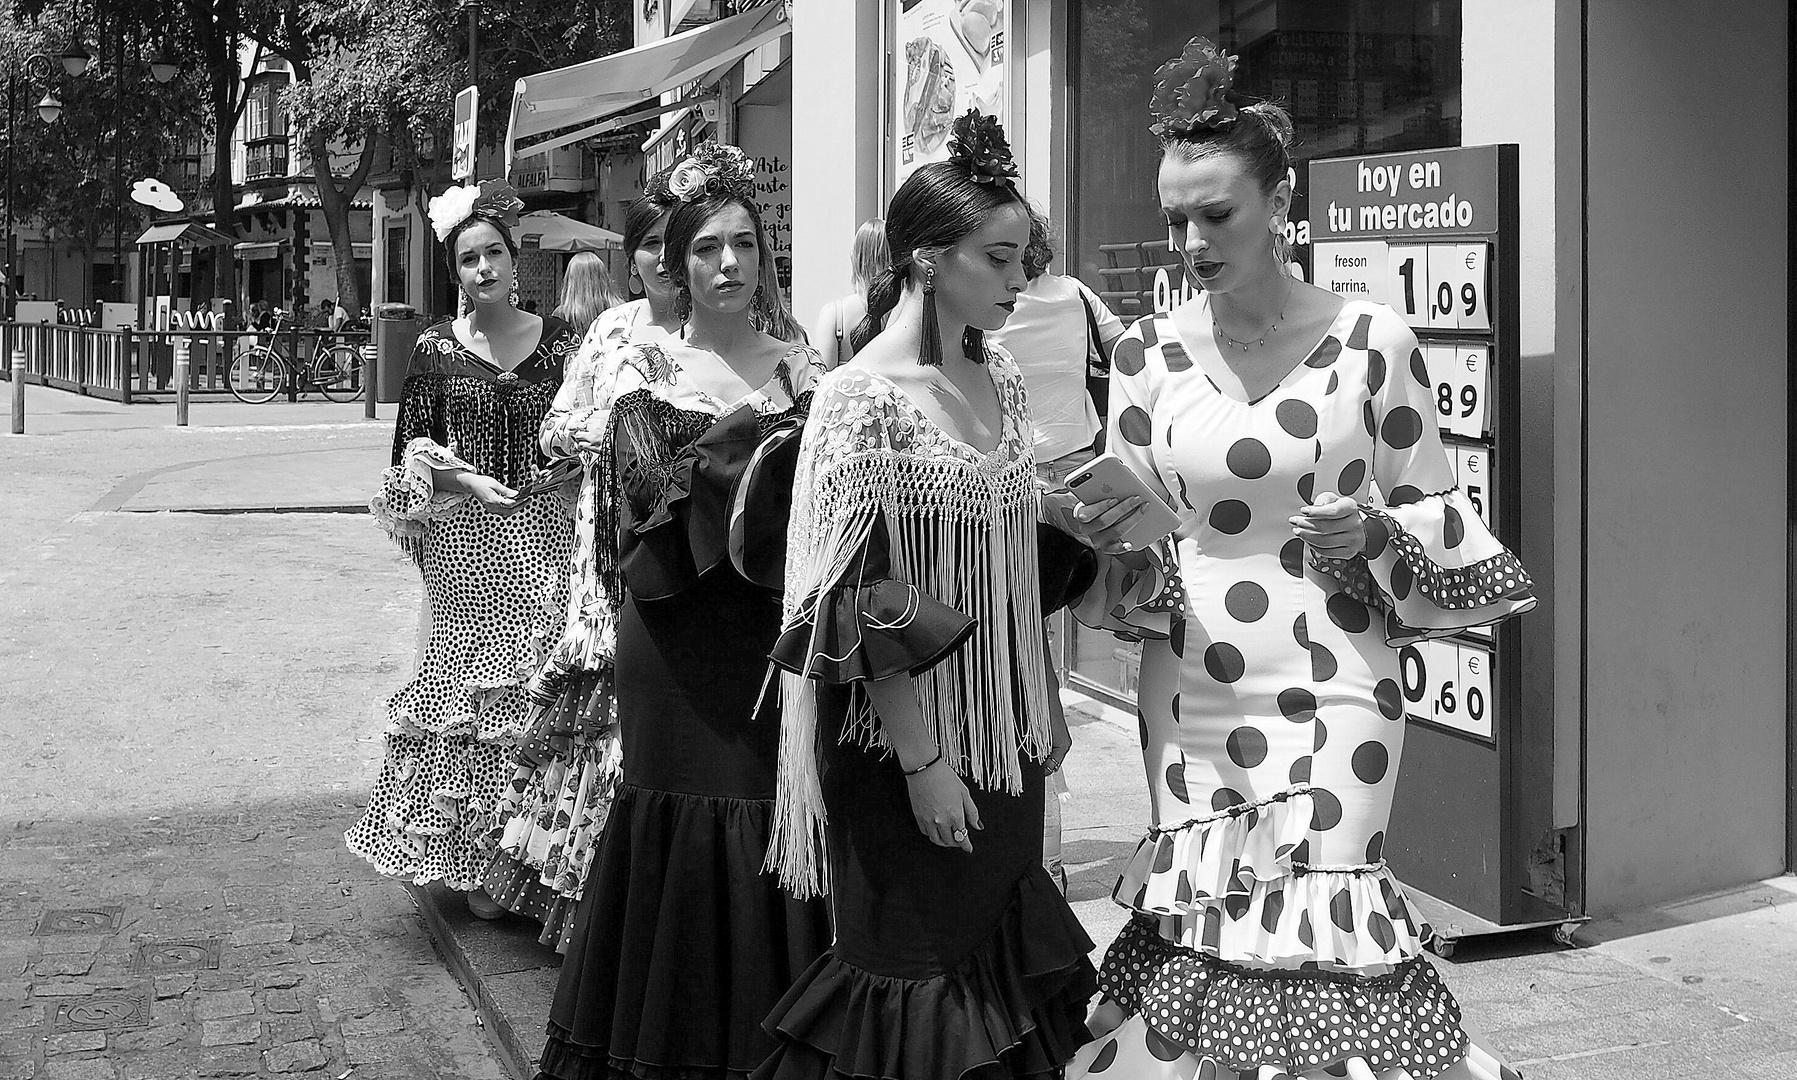 Feria de Abril, Sevilla, Spain